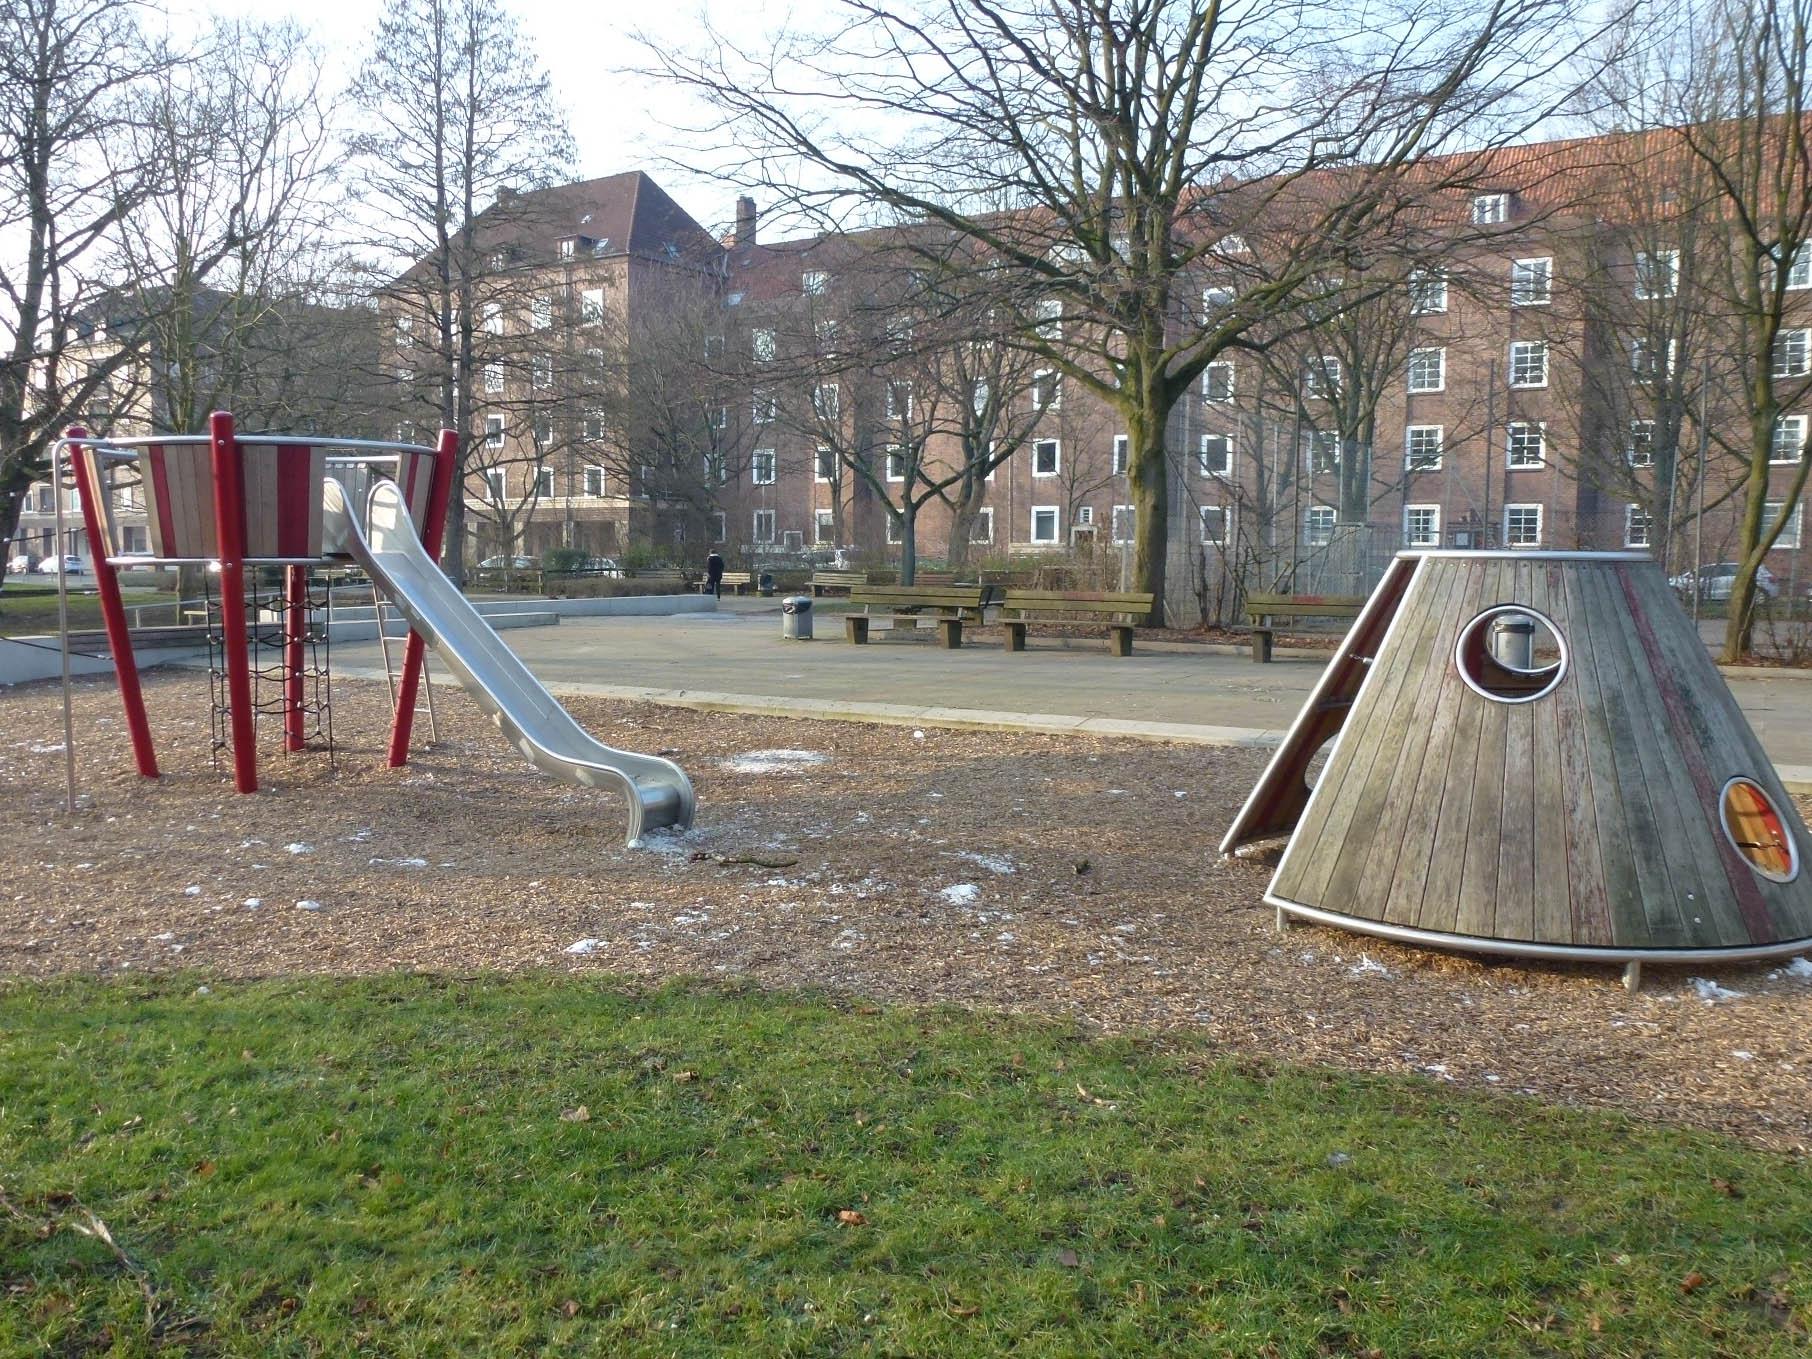 Spielplatz mit einer Rutsche und einem Häuschen.